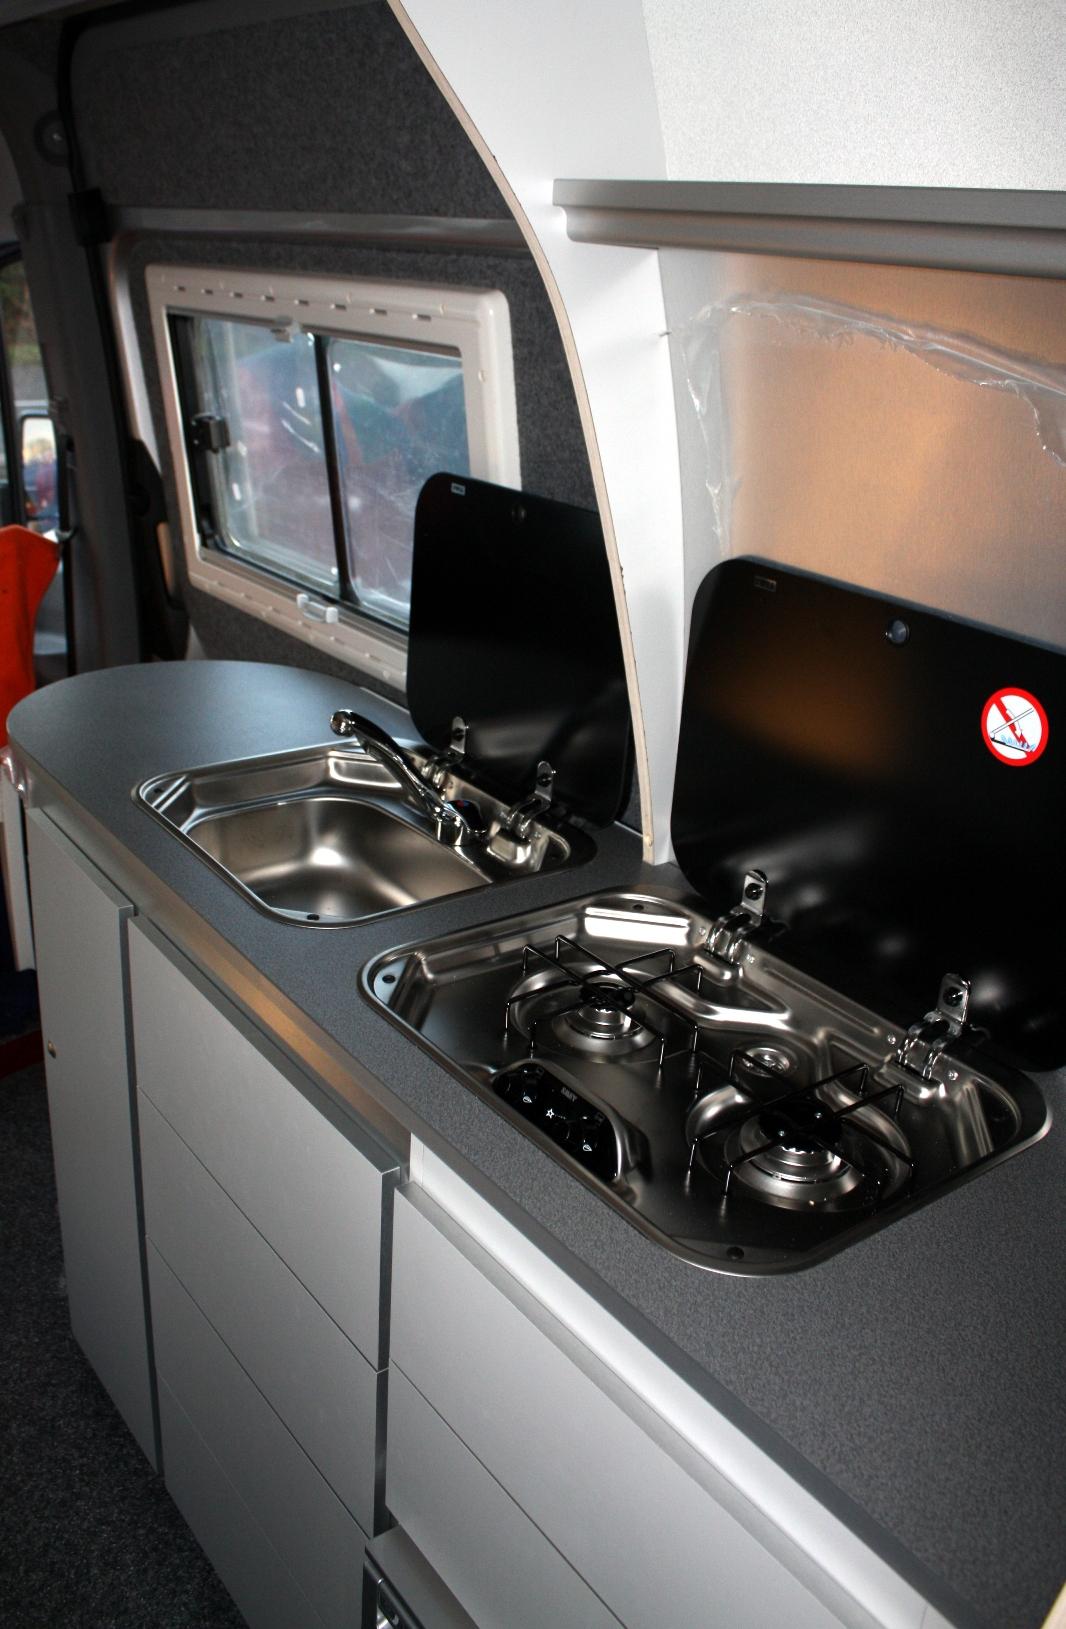 Keuken Wasbak Plaatsen : De keuken heeft een tweepitsgasfornuis met piezzo ontsteking. Achter